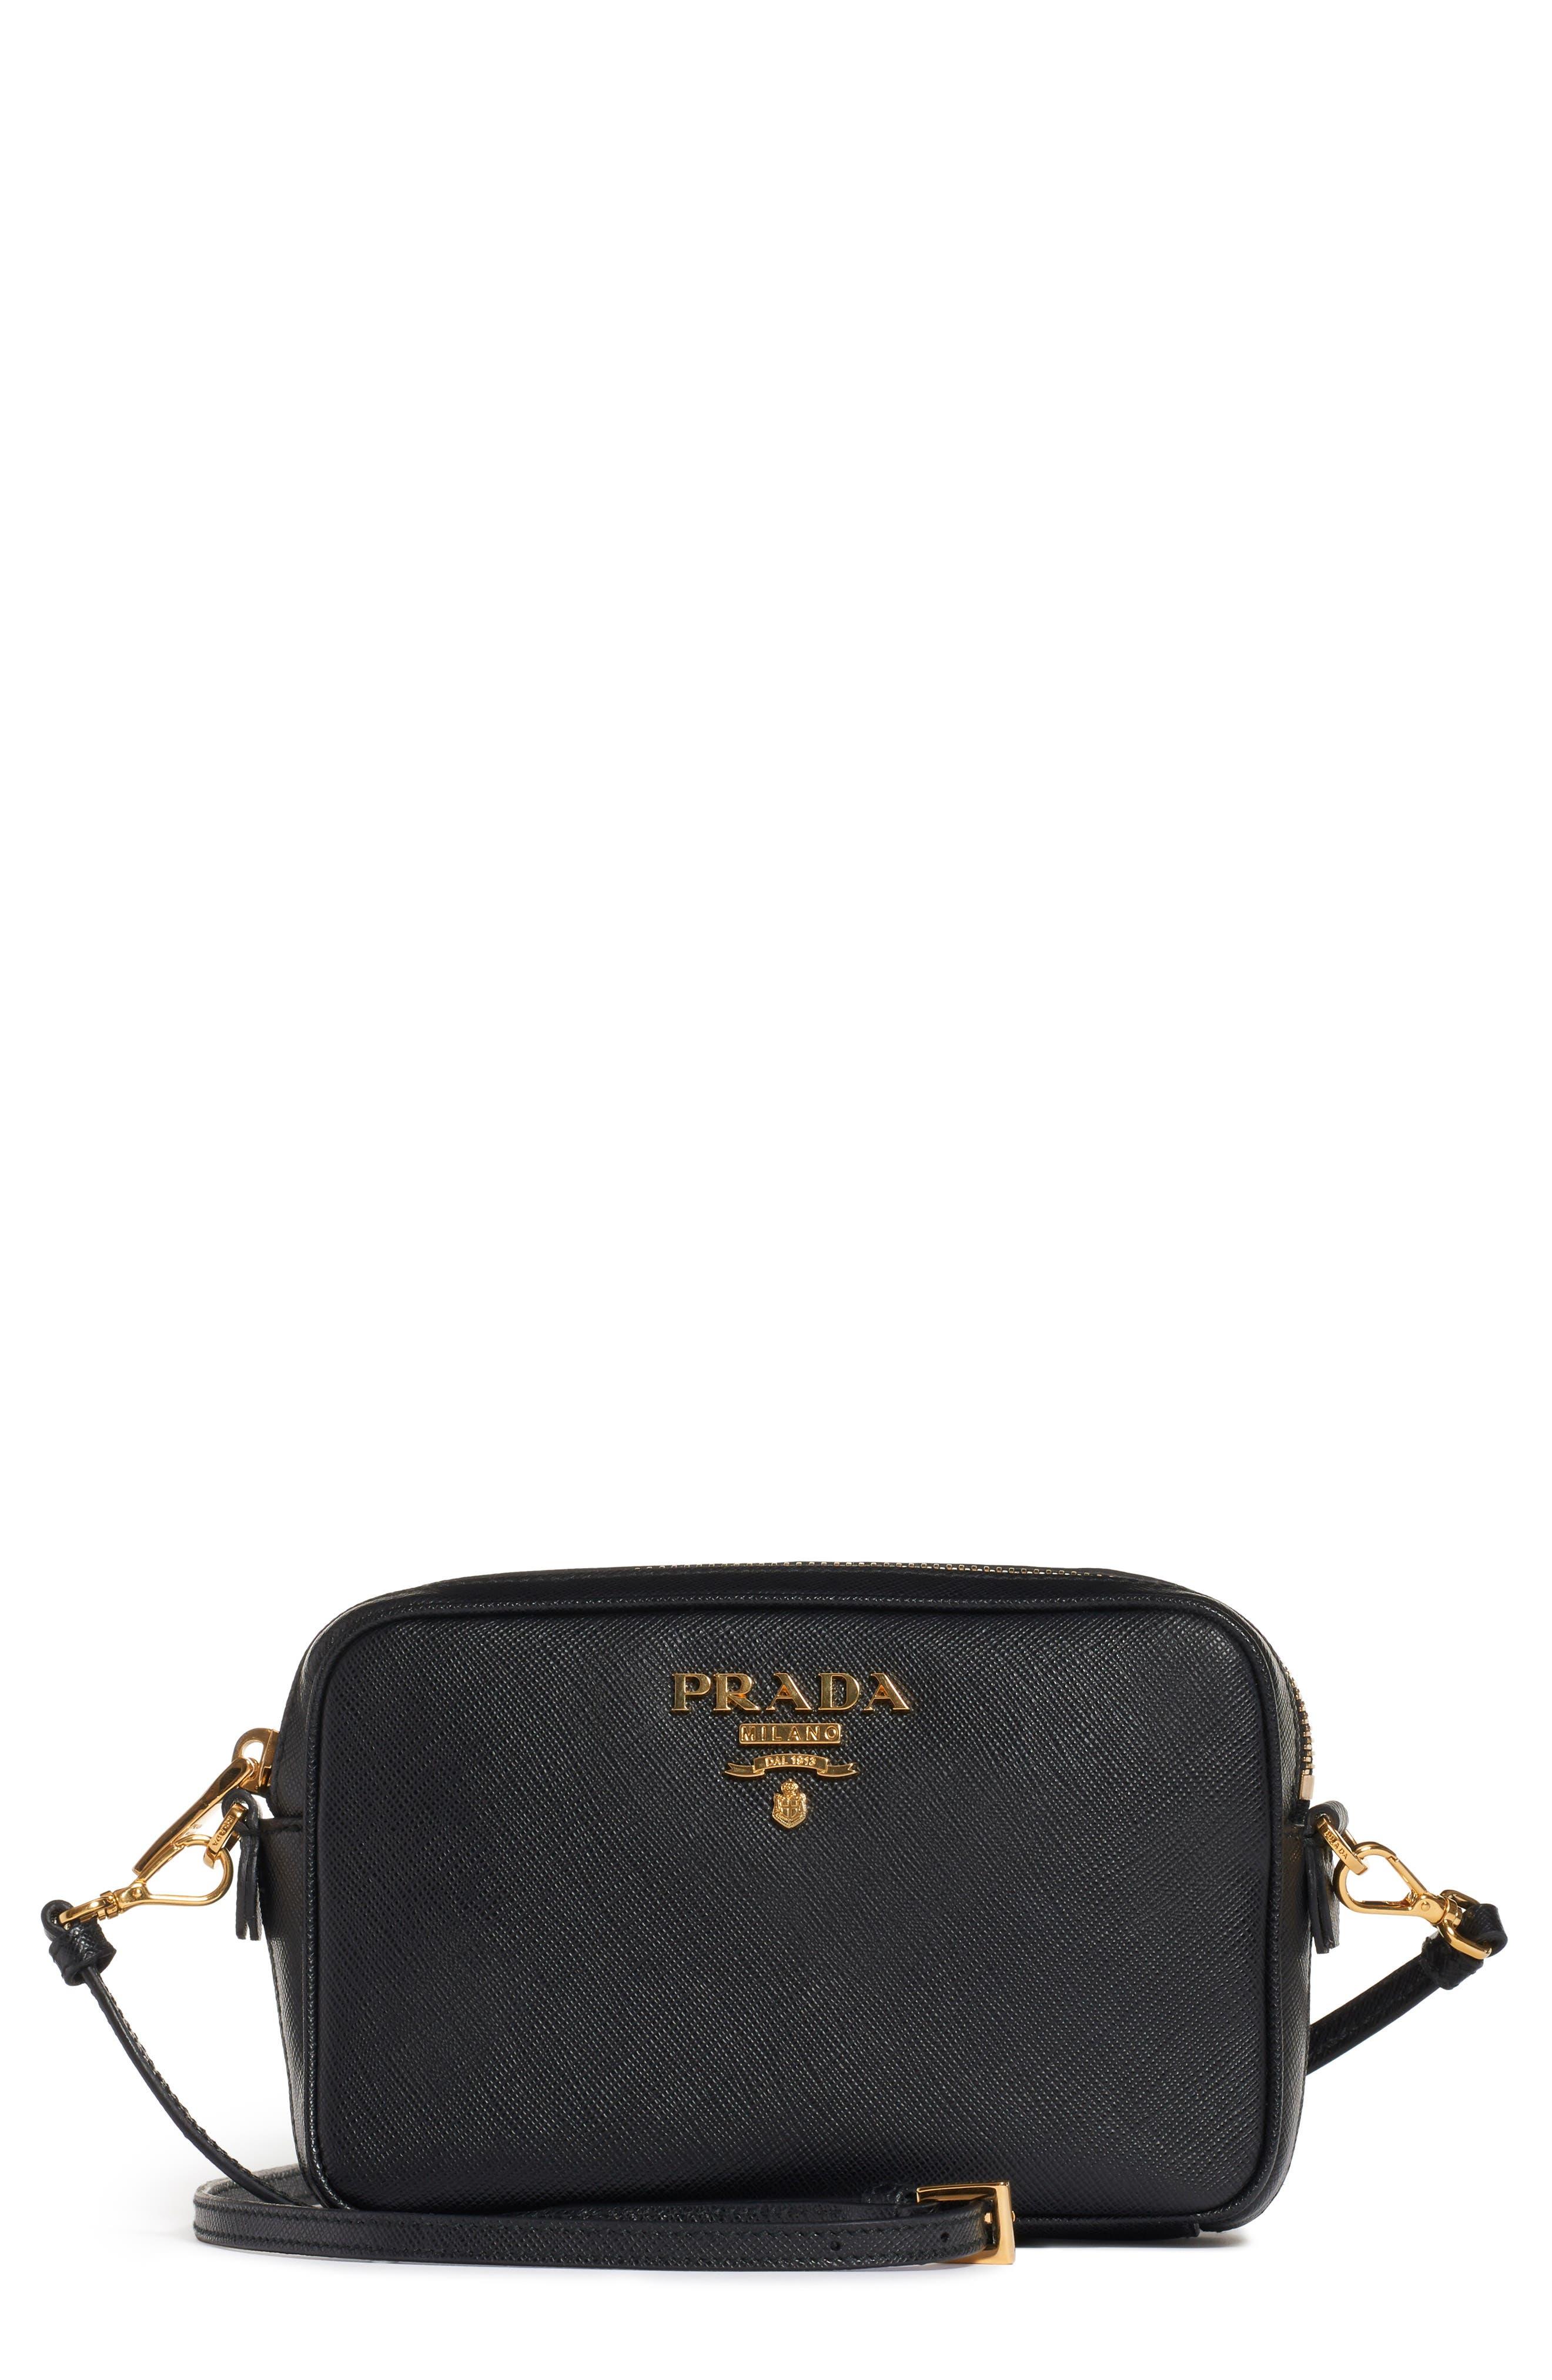 597cb5774143 Prada Crossbody Bags